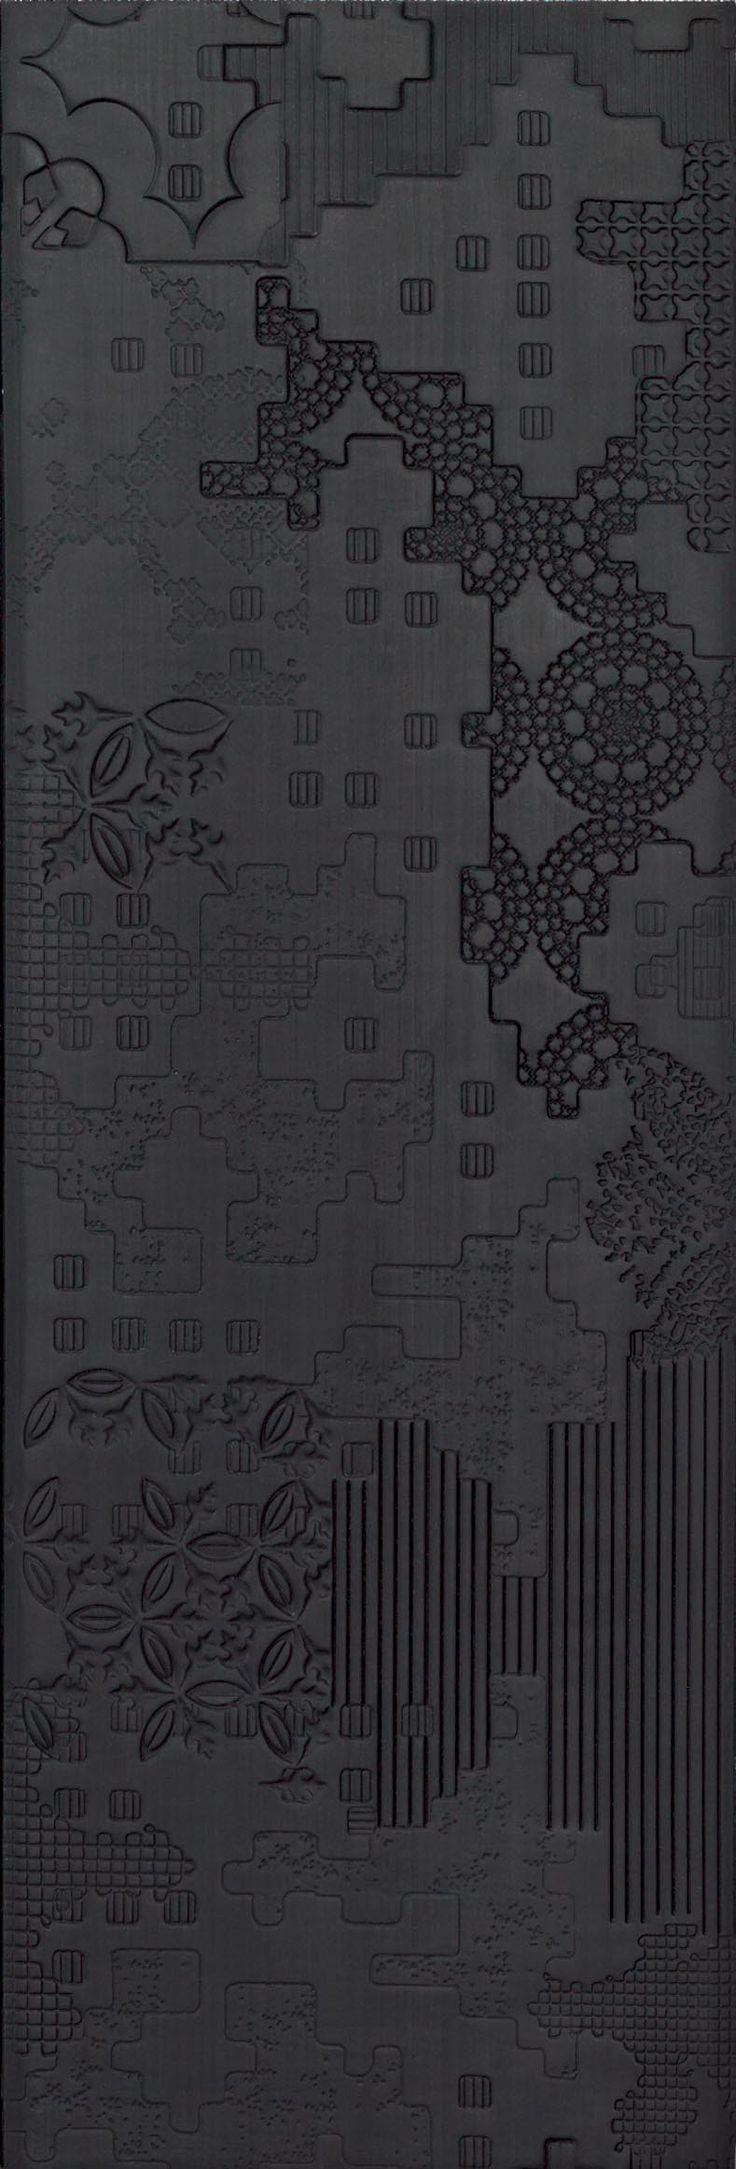 Bas-relief patchwork nero